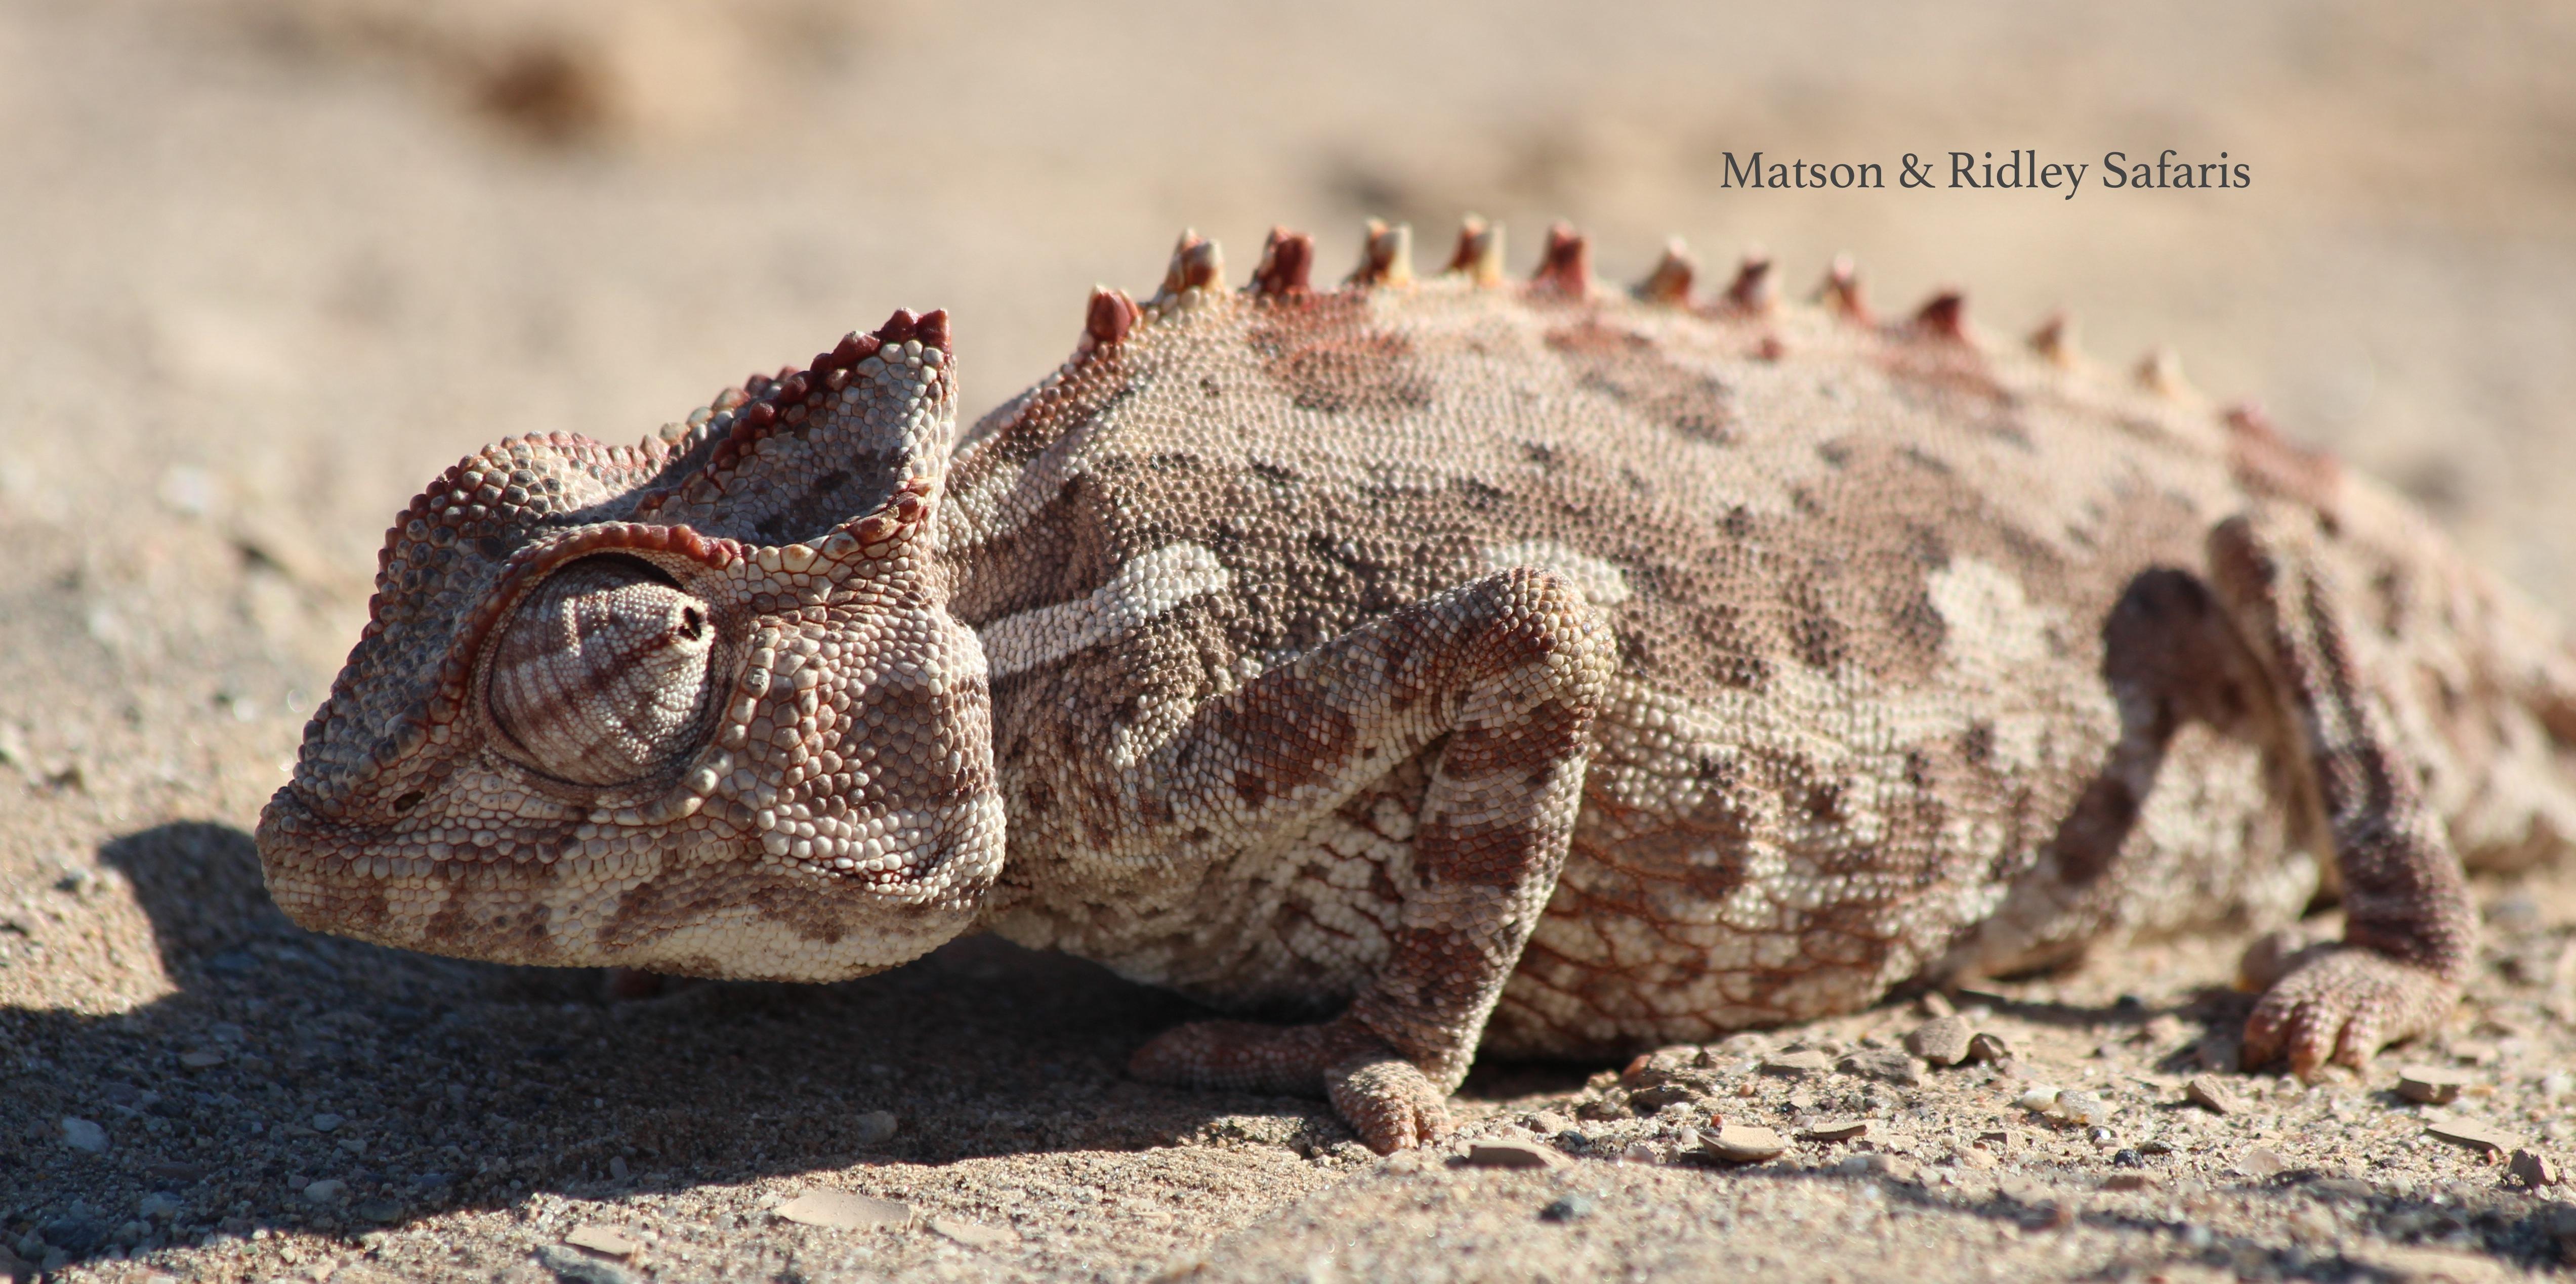 Pregnant chameleon